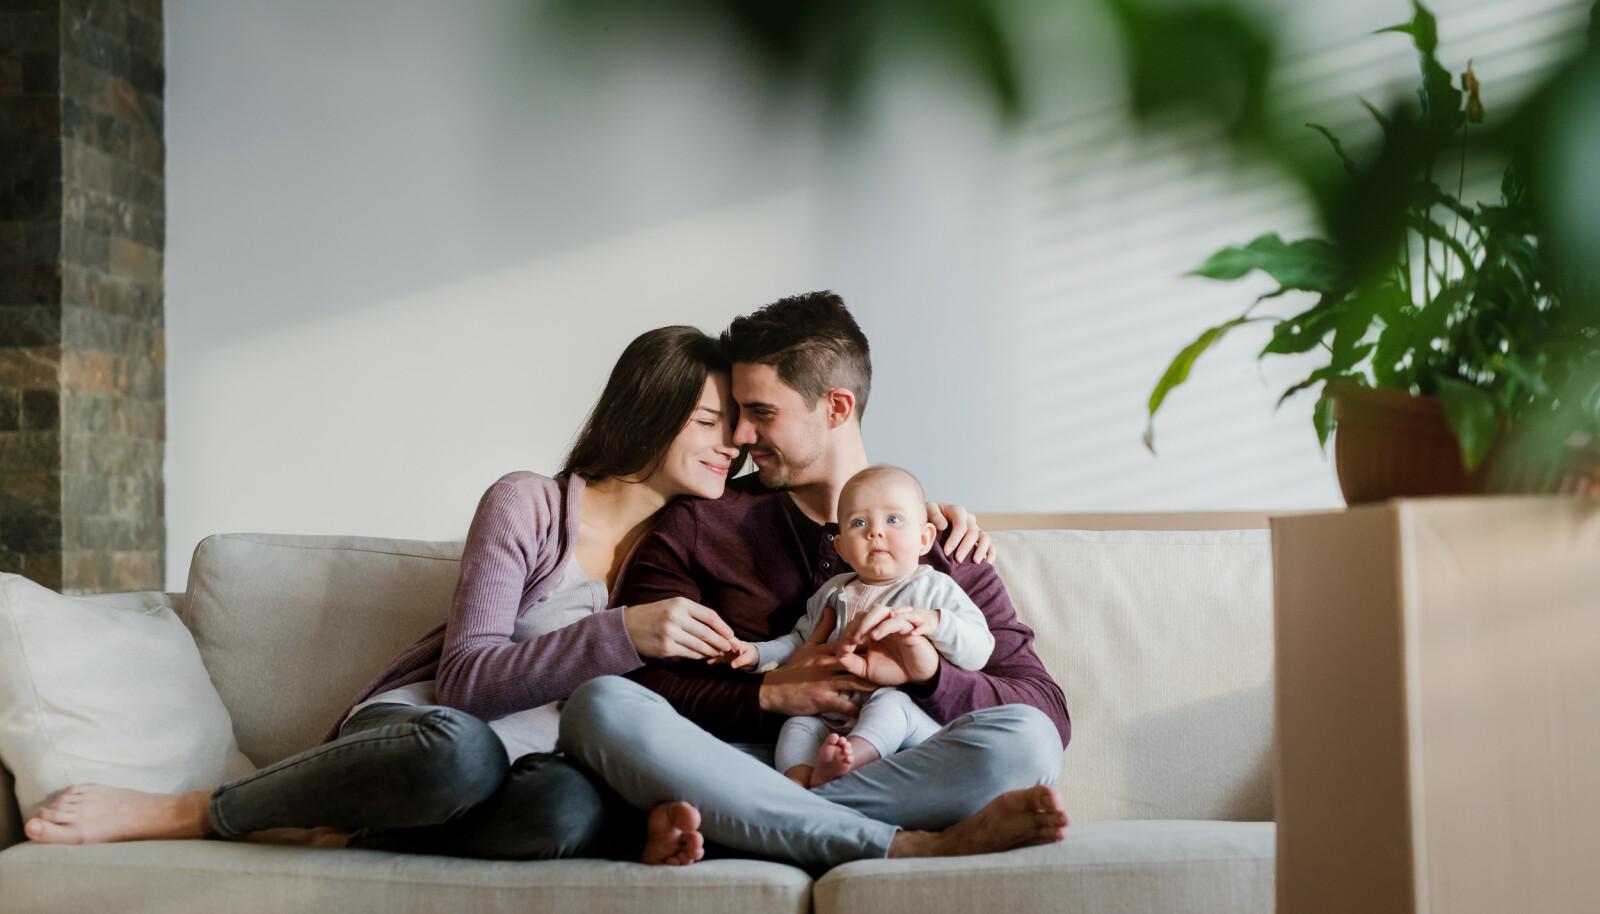 <strong>HJEMME BEST?:</strong> For mange par har korona-perioden vært svært positiv for forholdet - for andre, derimot, har den vært krevende og endt i brudd. ILLUSTRASJONSFOTO: NTB scanpix